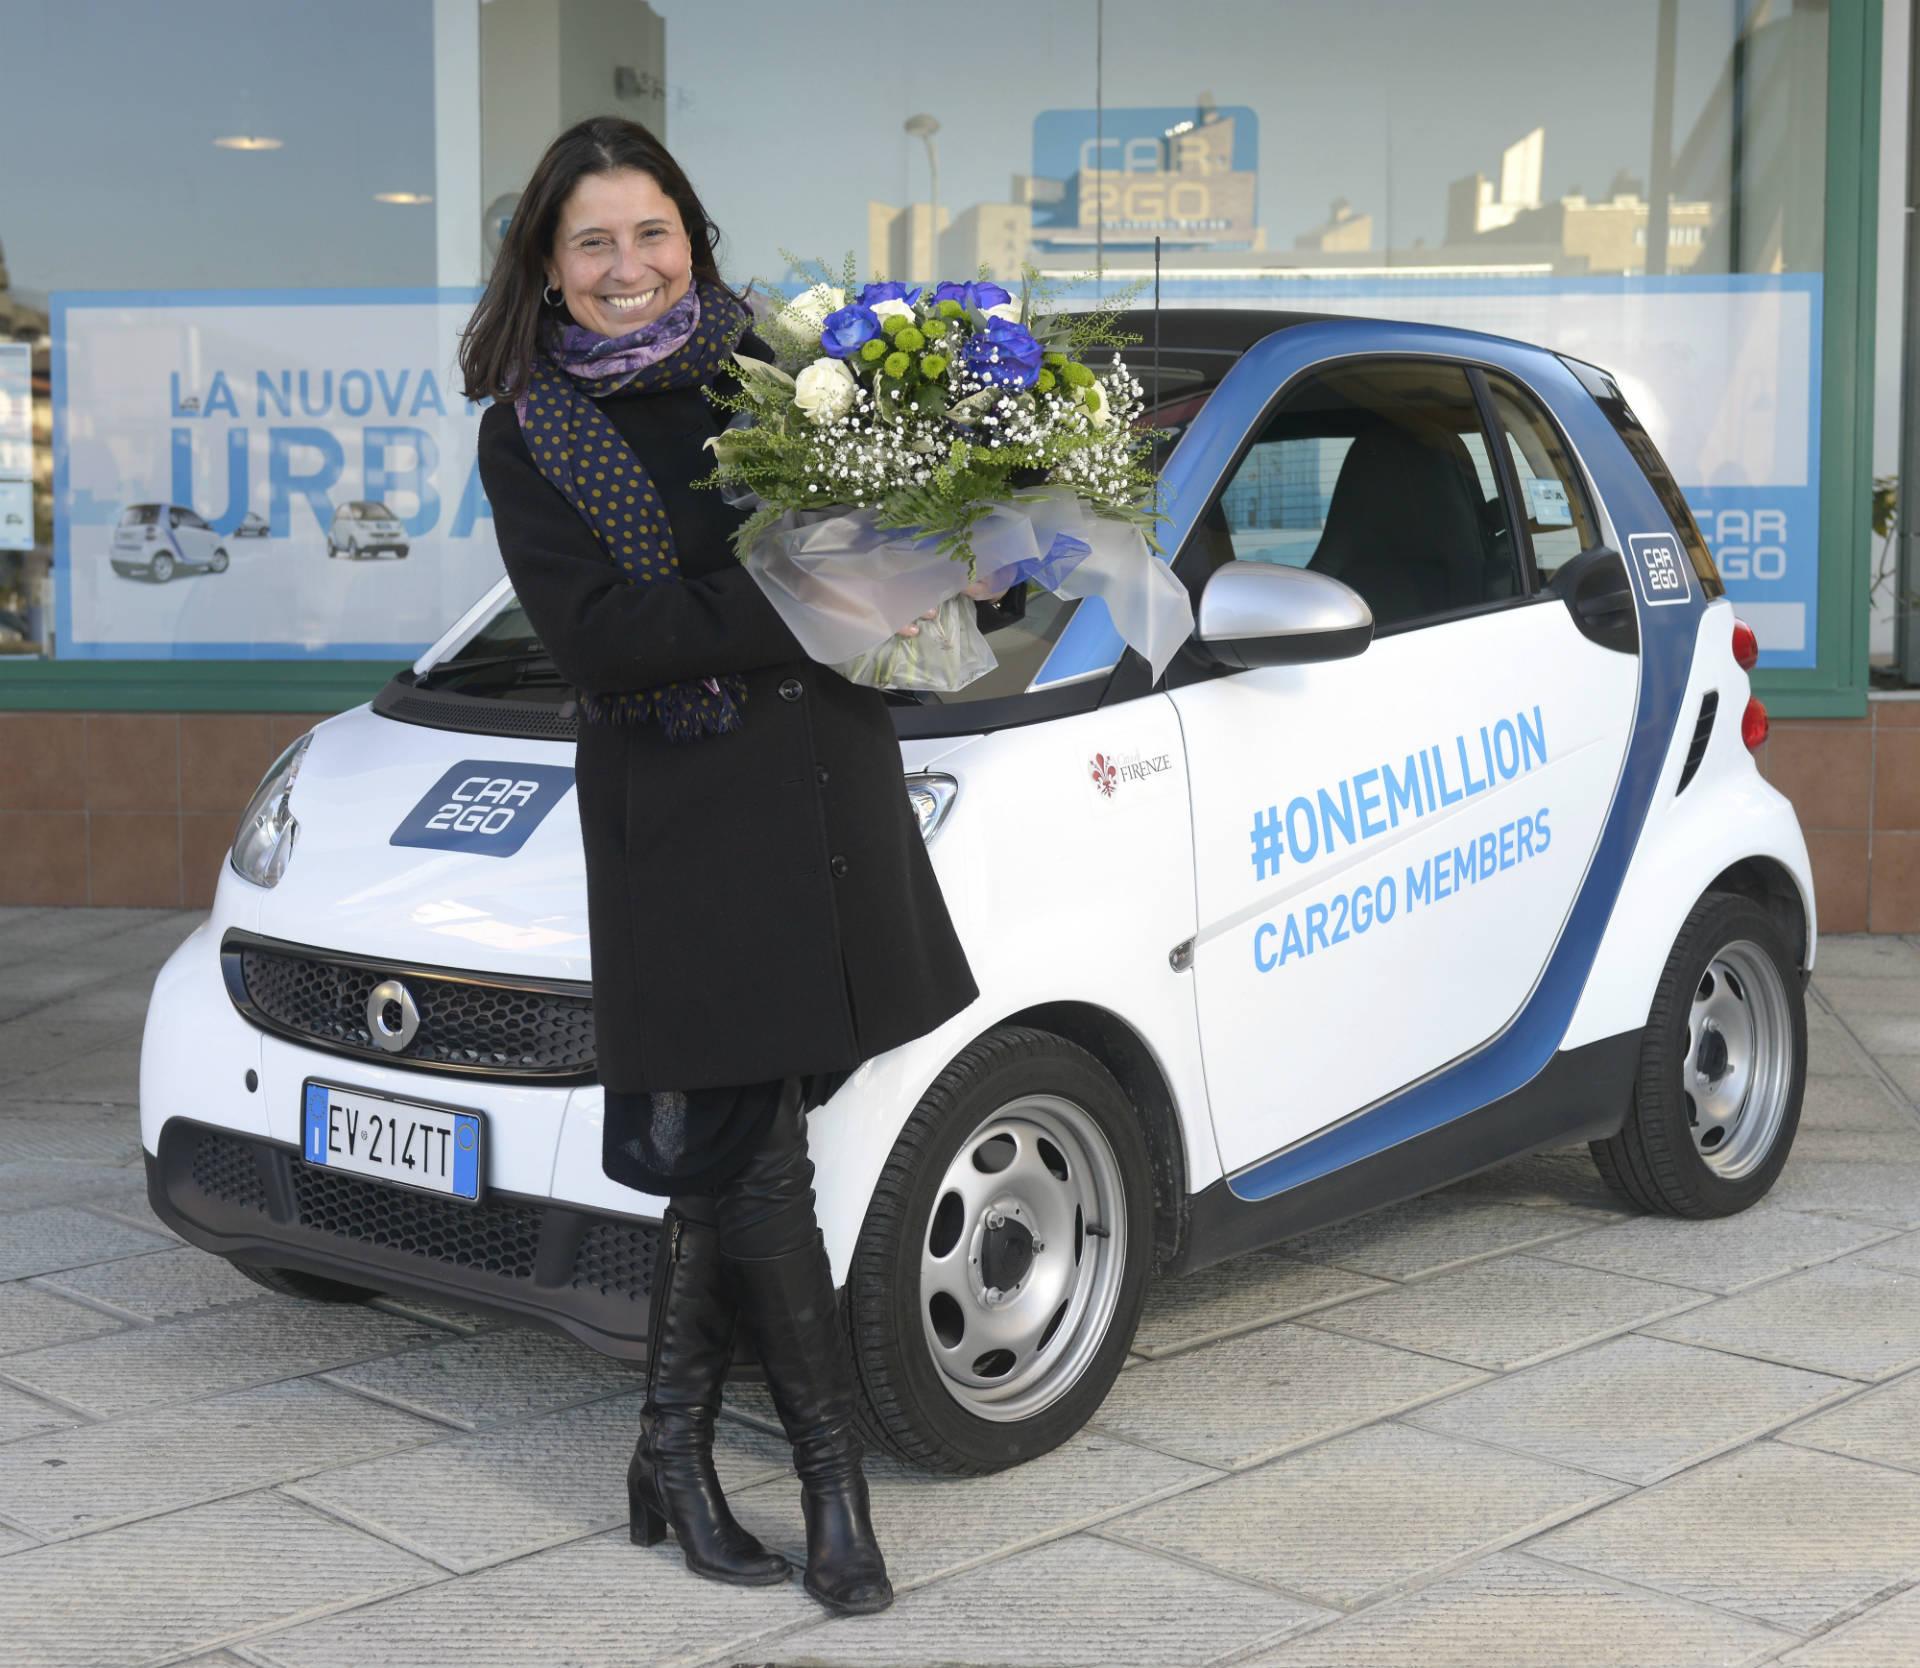 Die neue car2go-Kundin freut sich über einen Blumenstrauß und 1.000 Freiminuten